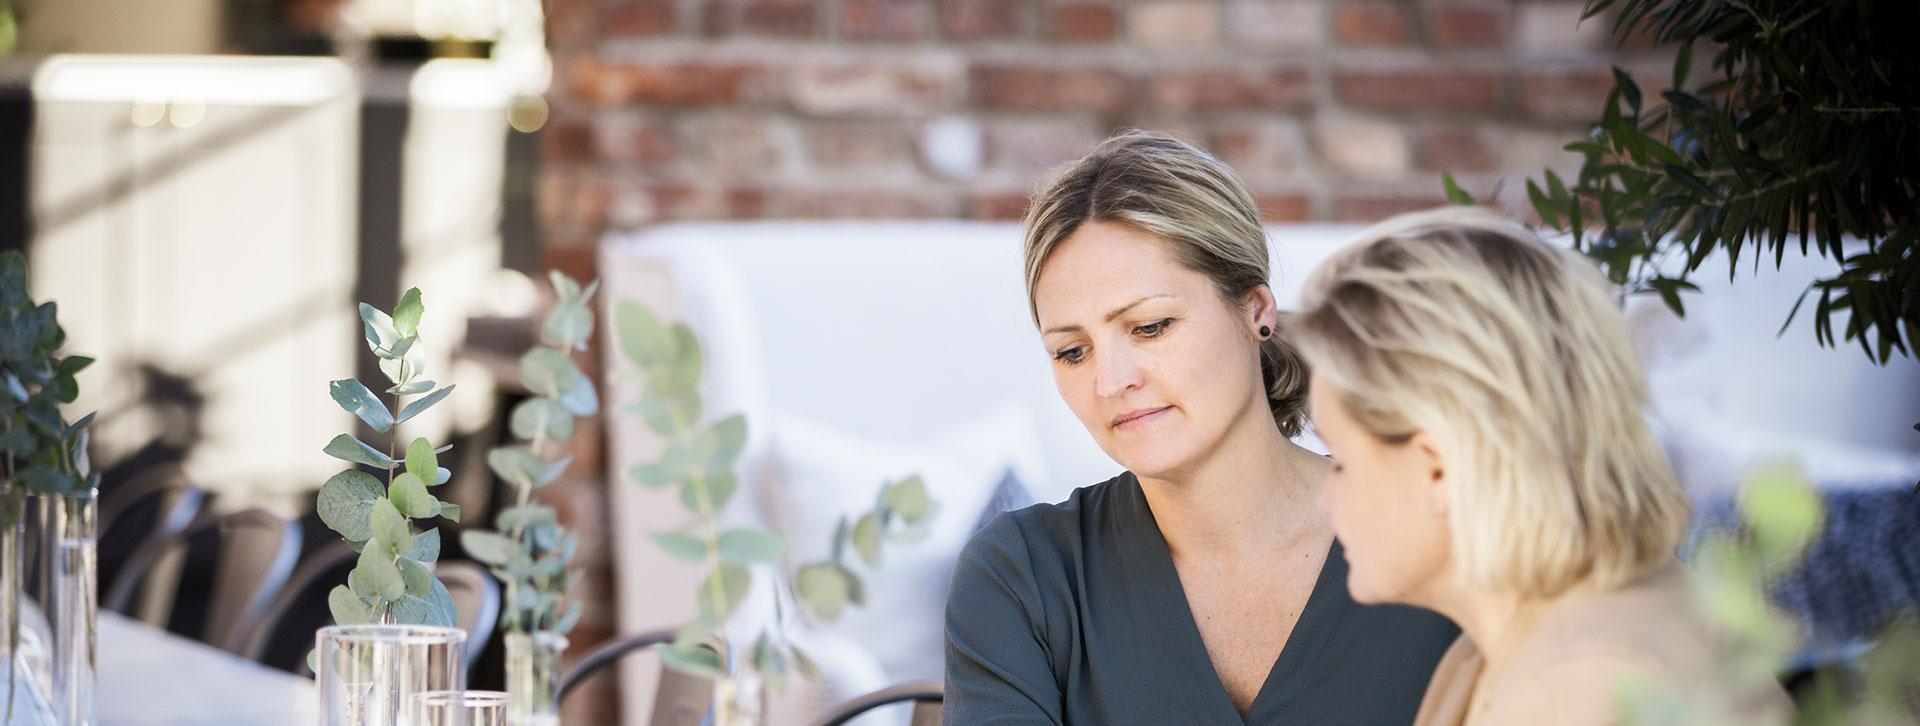 Två kvinnor vid ett bord tittar på gemensamma anteckningar